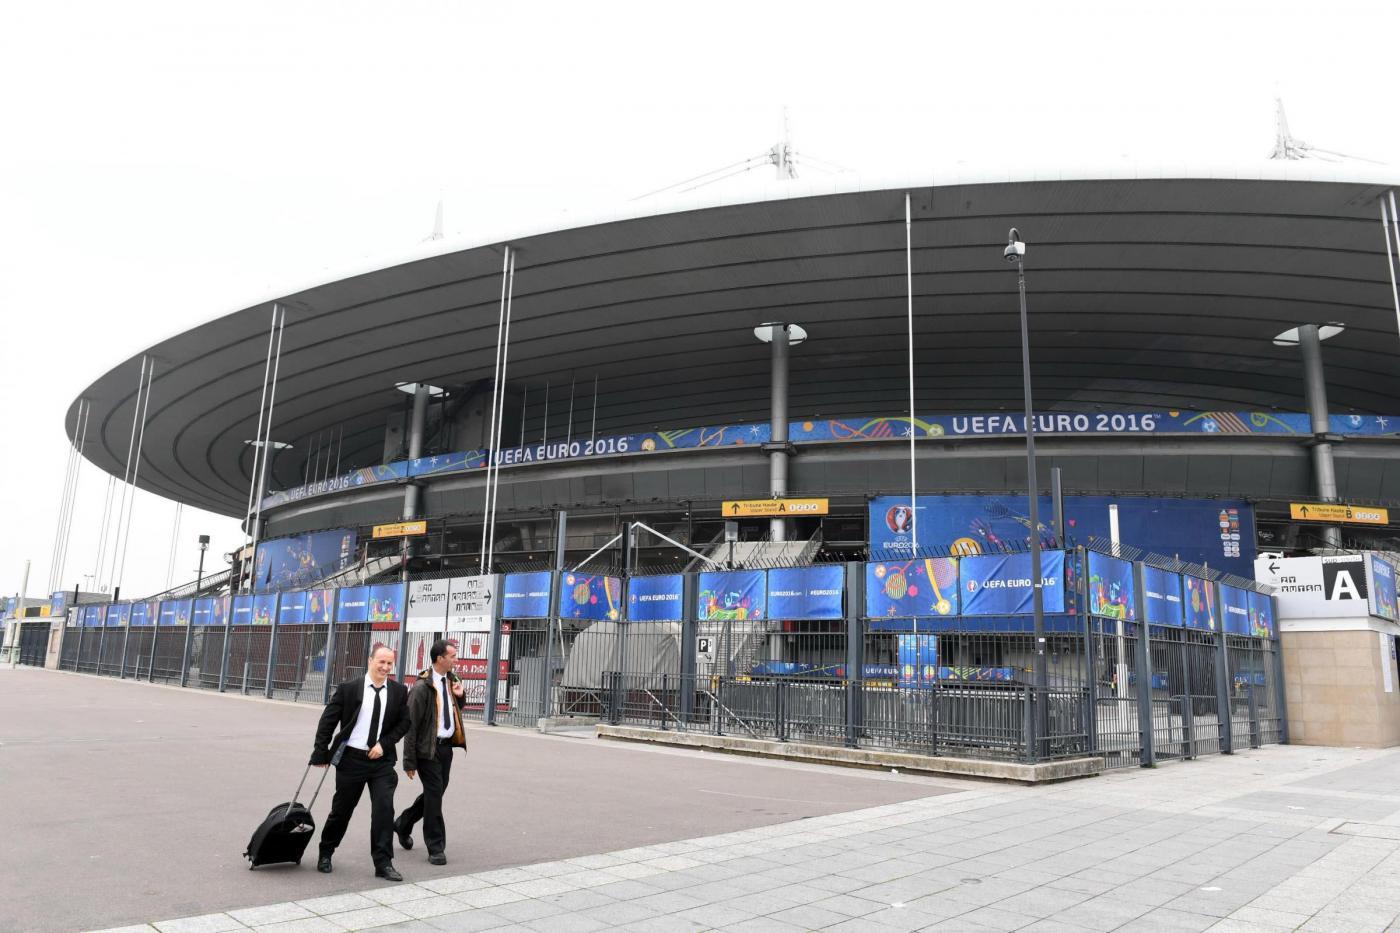 Euro 2016, sicurezza negli stadi in Francia